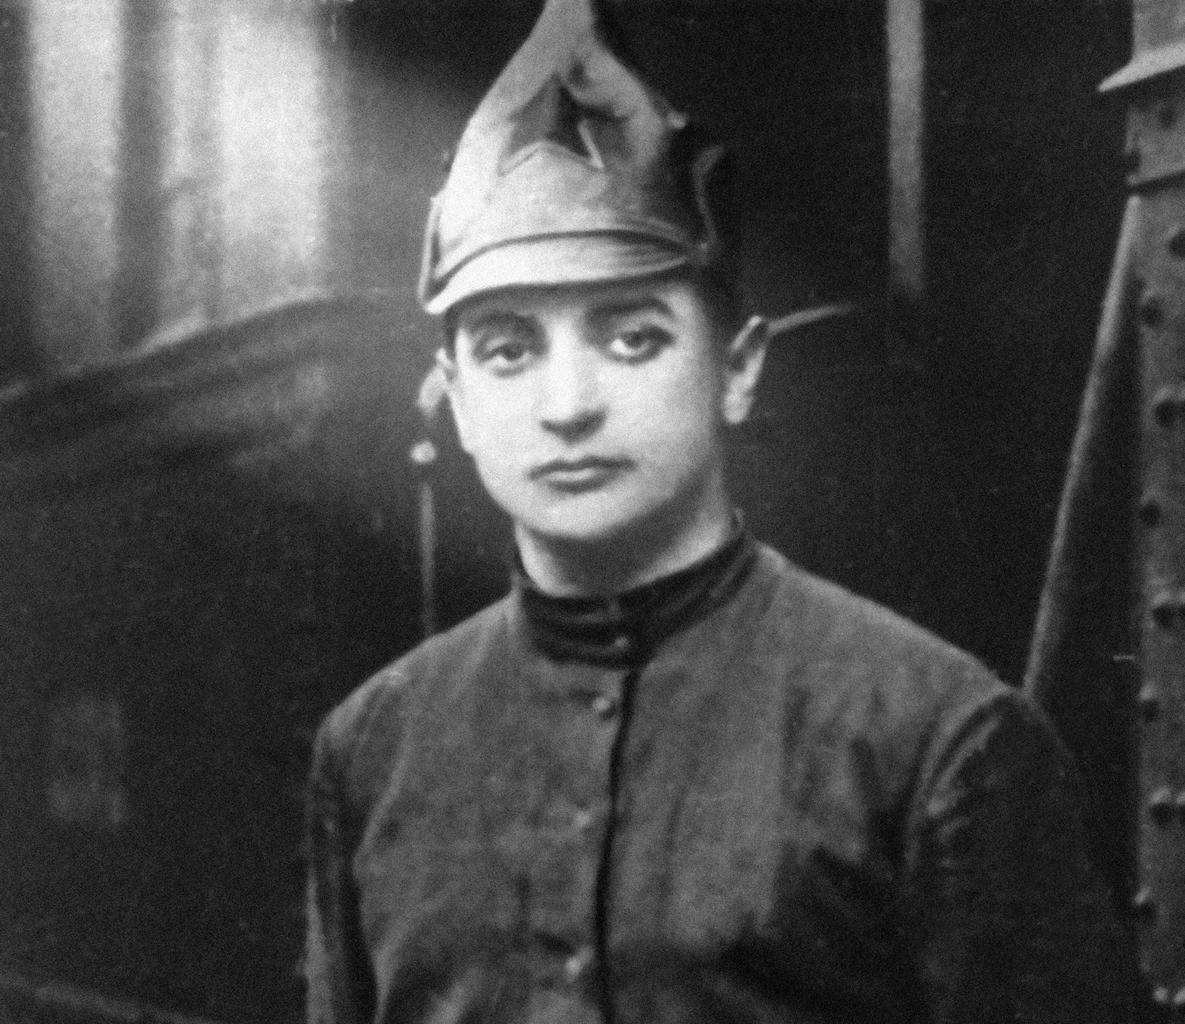 """""""Tuhacsevszkij később a Vörös Hadsereg fejlesztésének szentelte minden idejét, ahol aztán megint szembekerült Sztálinnal"""" #moszkvater"""